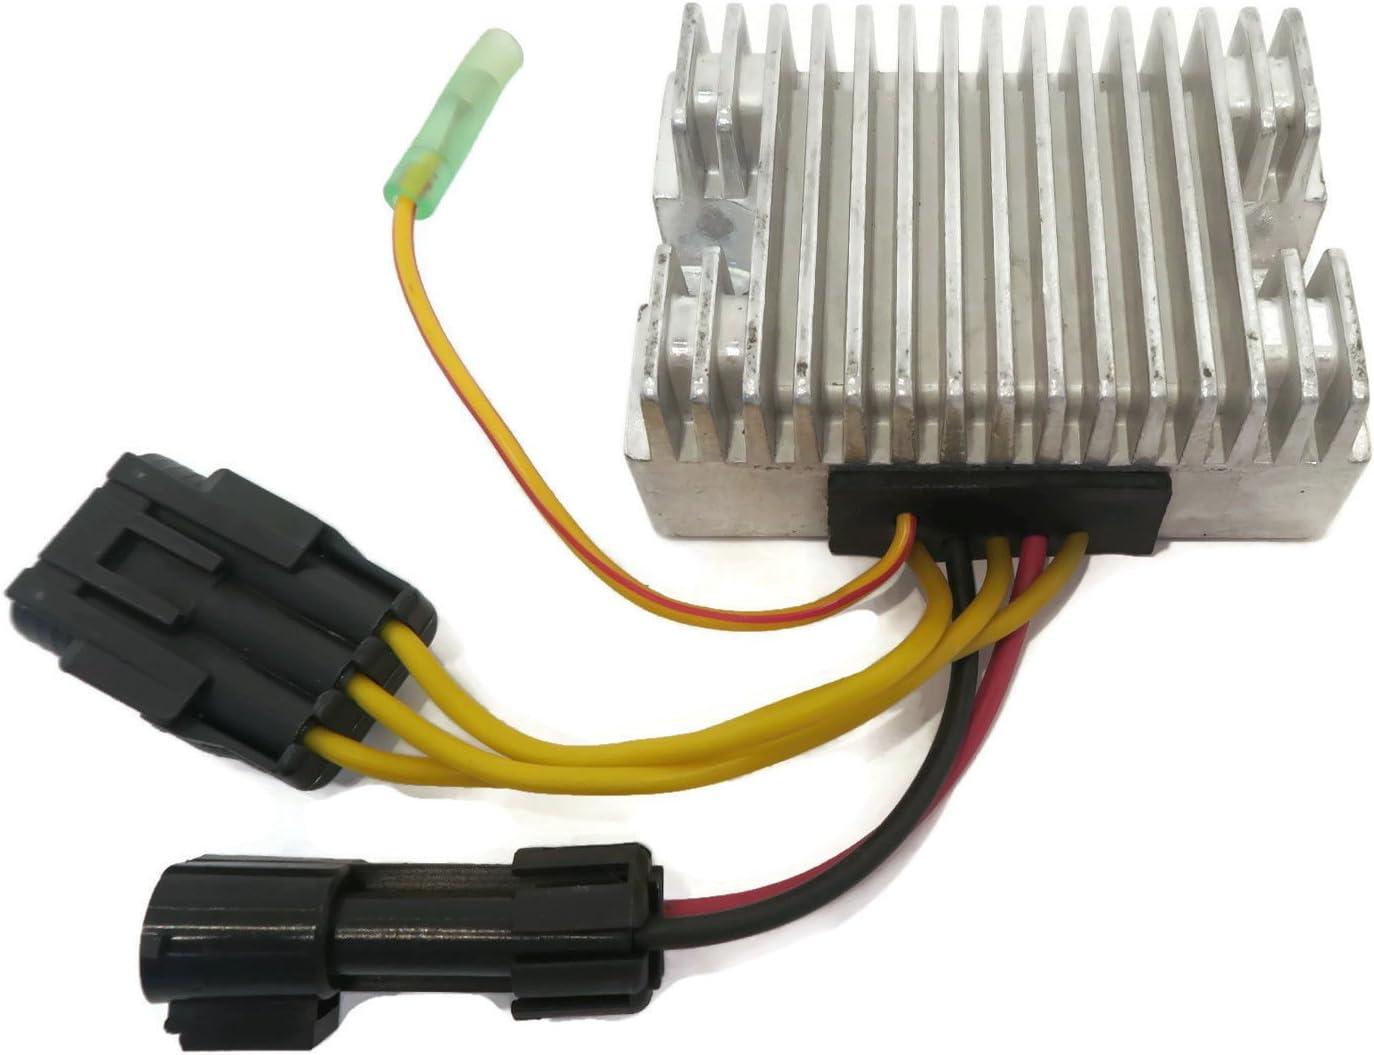 Voltage Regulator Rectifier For Polaris Trail Blazer 250 1999 2000 2001